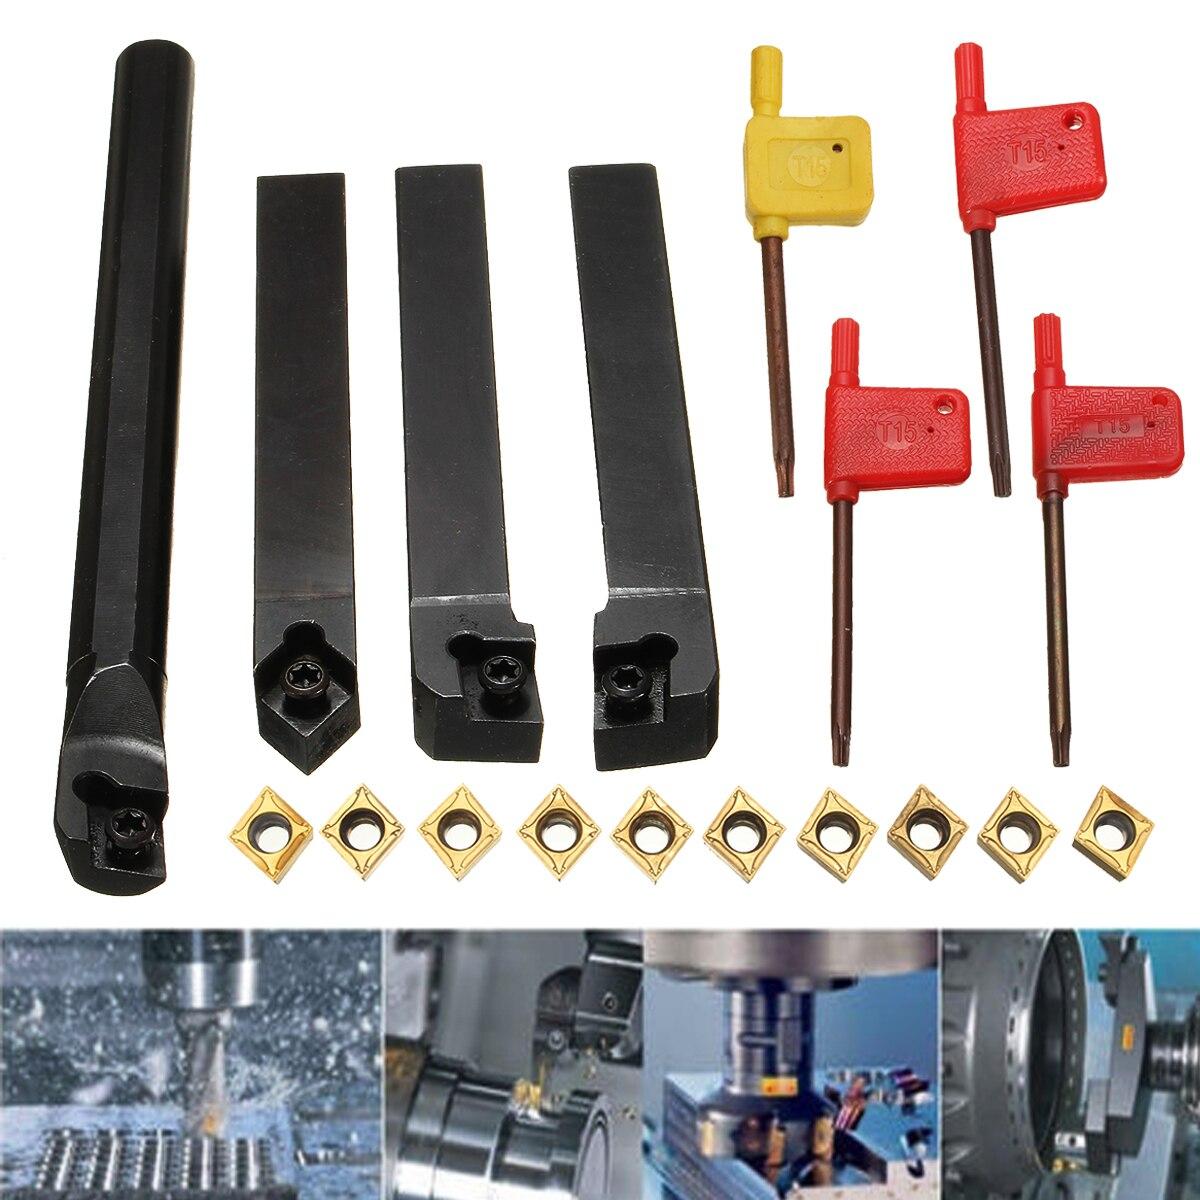 10 pièces CCMT09T304 Carbure Insert + 4 pièces Outil De Tournage set de support + 4 pièces Clé pour Outil De Tournage Machine Ensembles D'outils